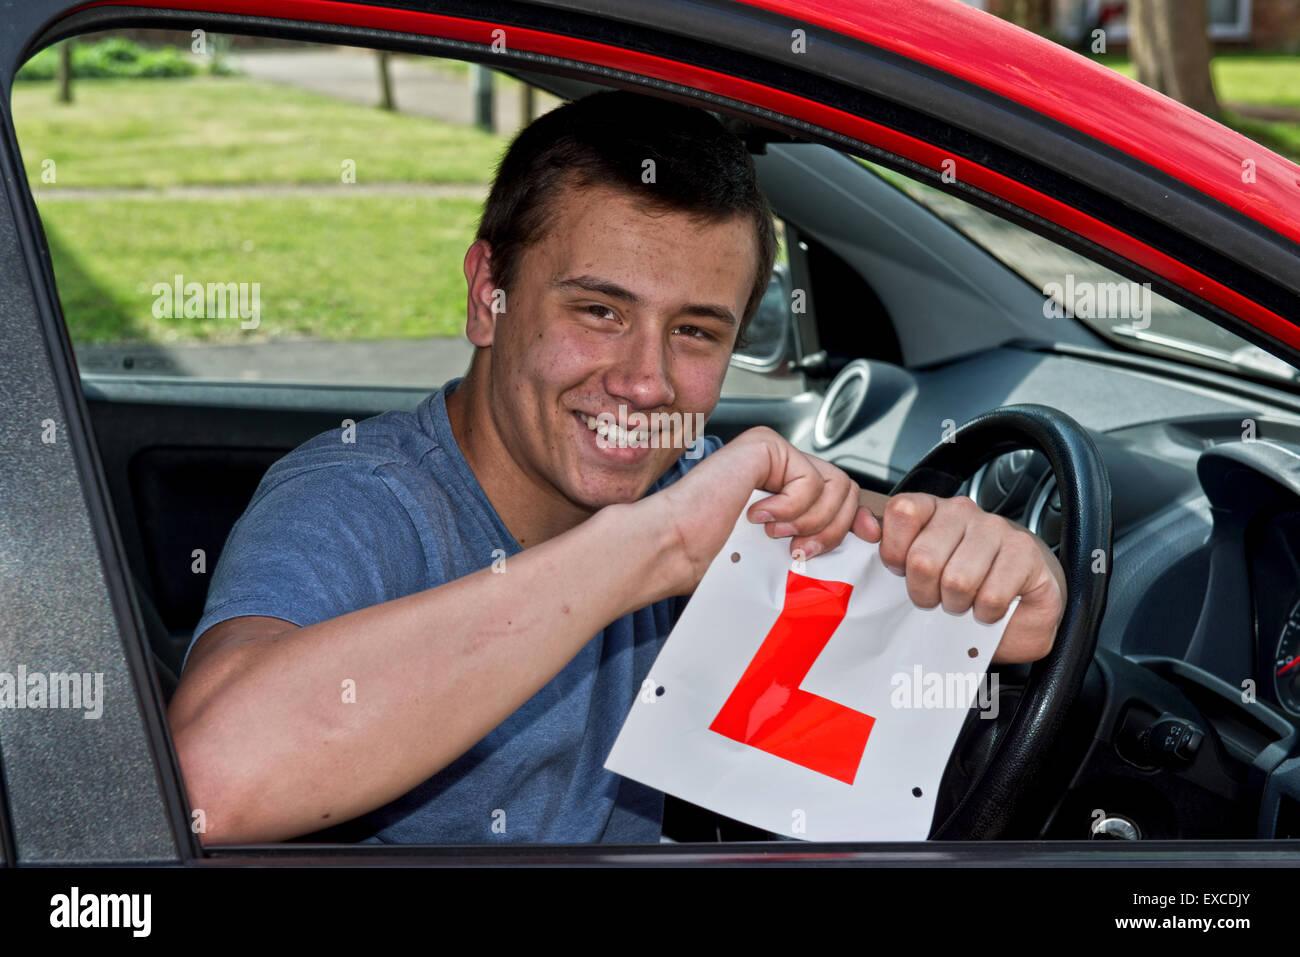 Liberado del modelo de la imagen de una joven que acaba de pasar su examen de conducir y estoy muy contento con Imagen De Stock